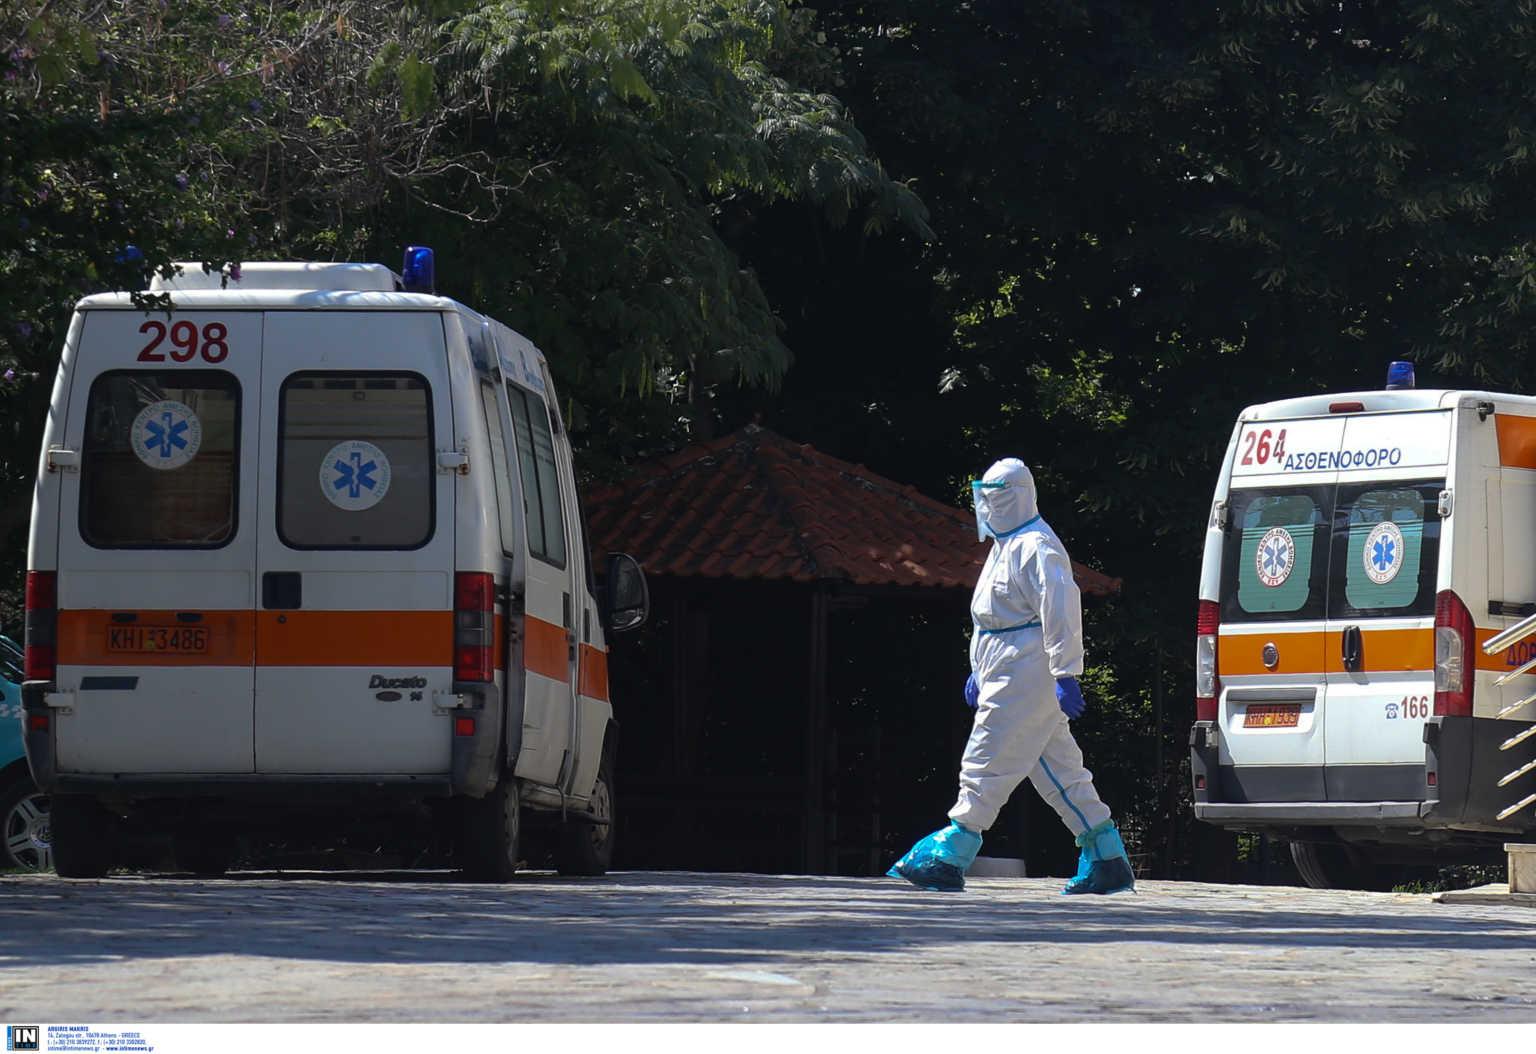 Κορονοϊός: 177 νέα κρούσματα σήμερα 29/8 στην Ελλάδα